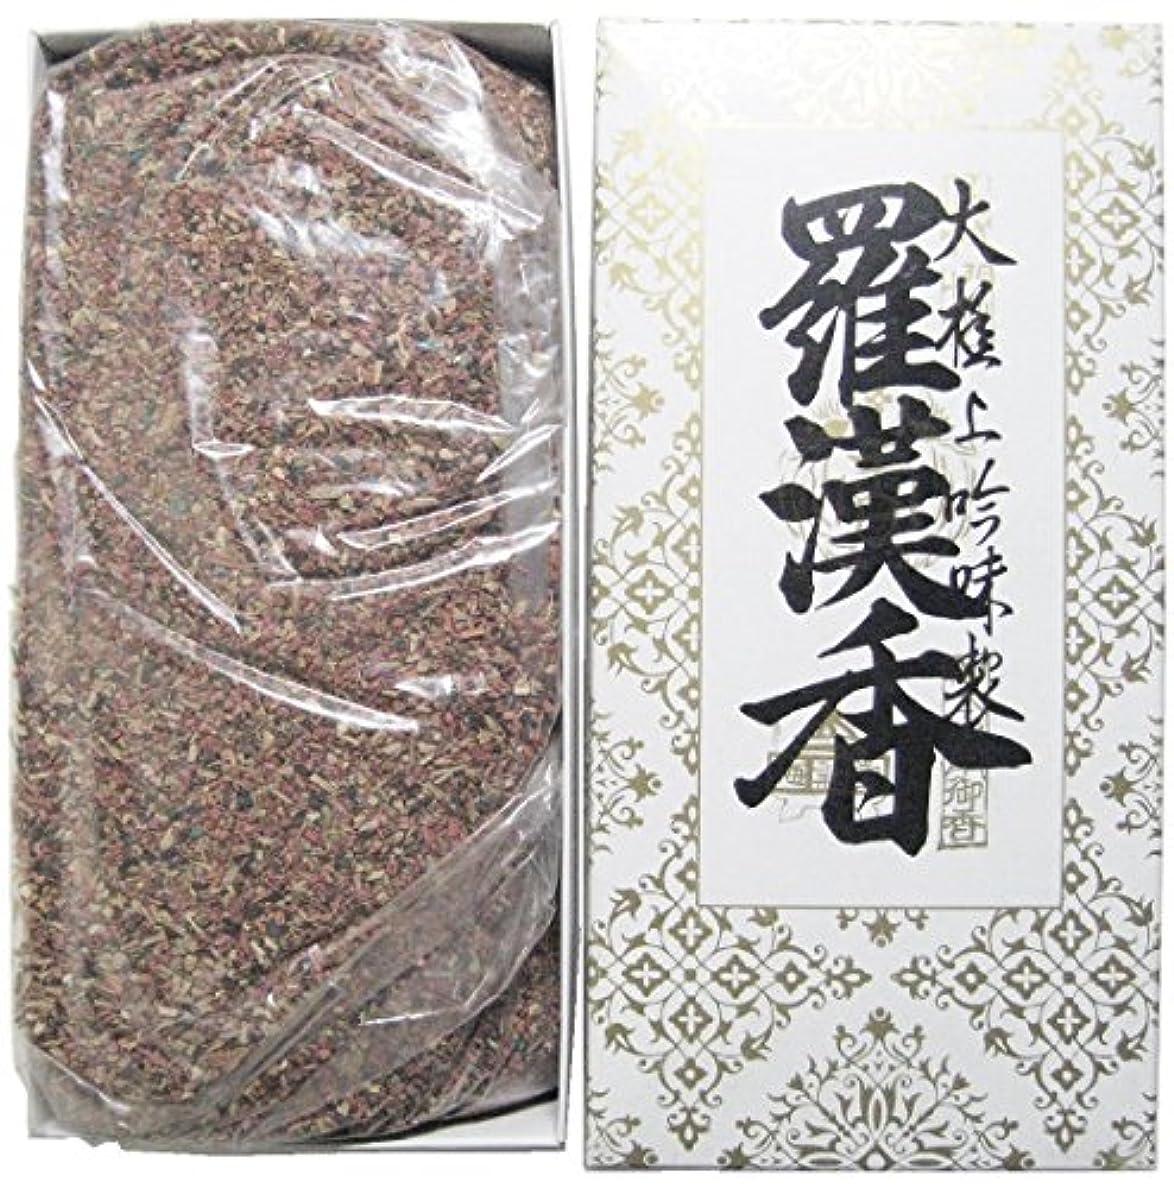 観光に行くこしょう病んでいる淡路梅薫堂のお香 羅漢香 500g #905